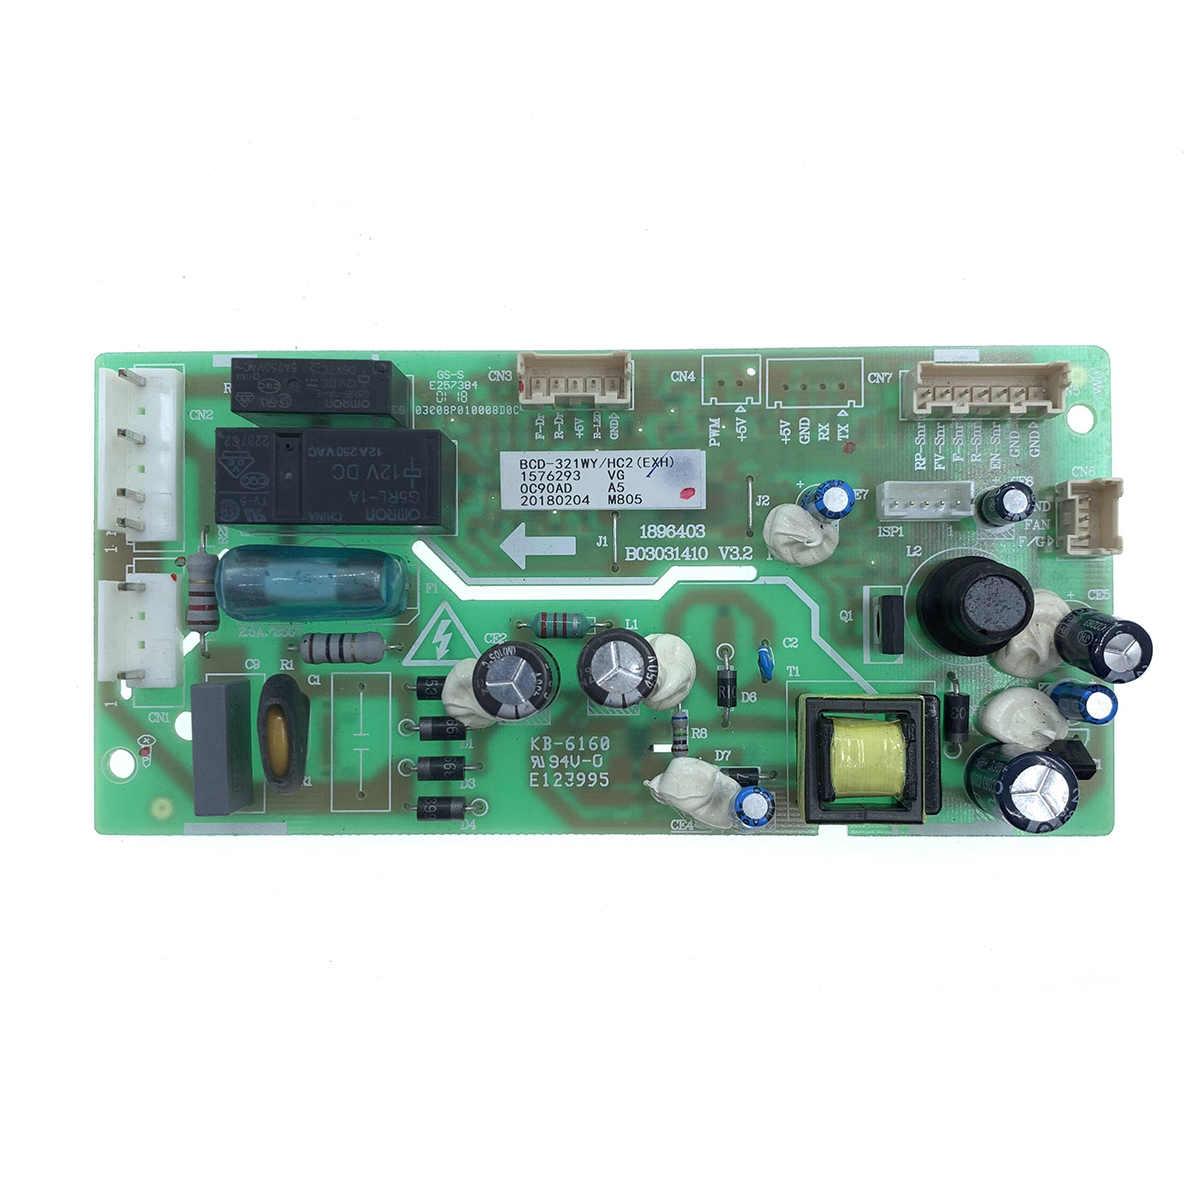 Nombre:  K1576293-BCD-321WY-HC2-EXH-Hisense-tablero-de-Control-de-potencia-PCB-principal-para-refrigerado.jpg Visitas: 508 Tamaño: 102.5 KB